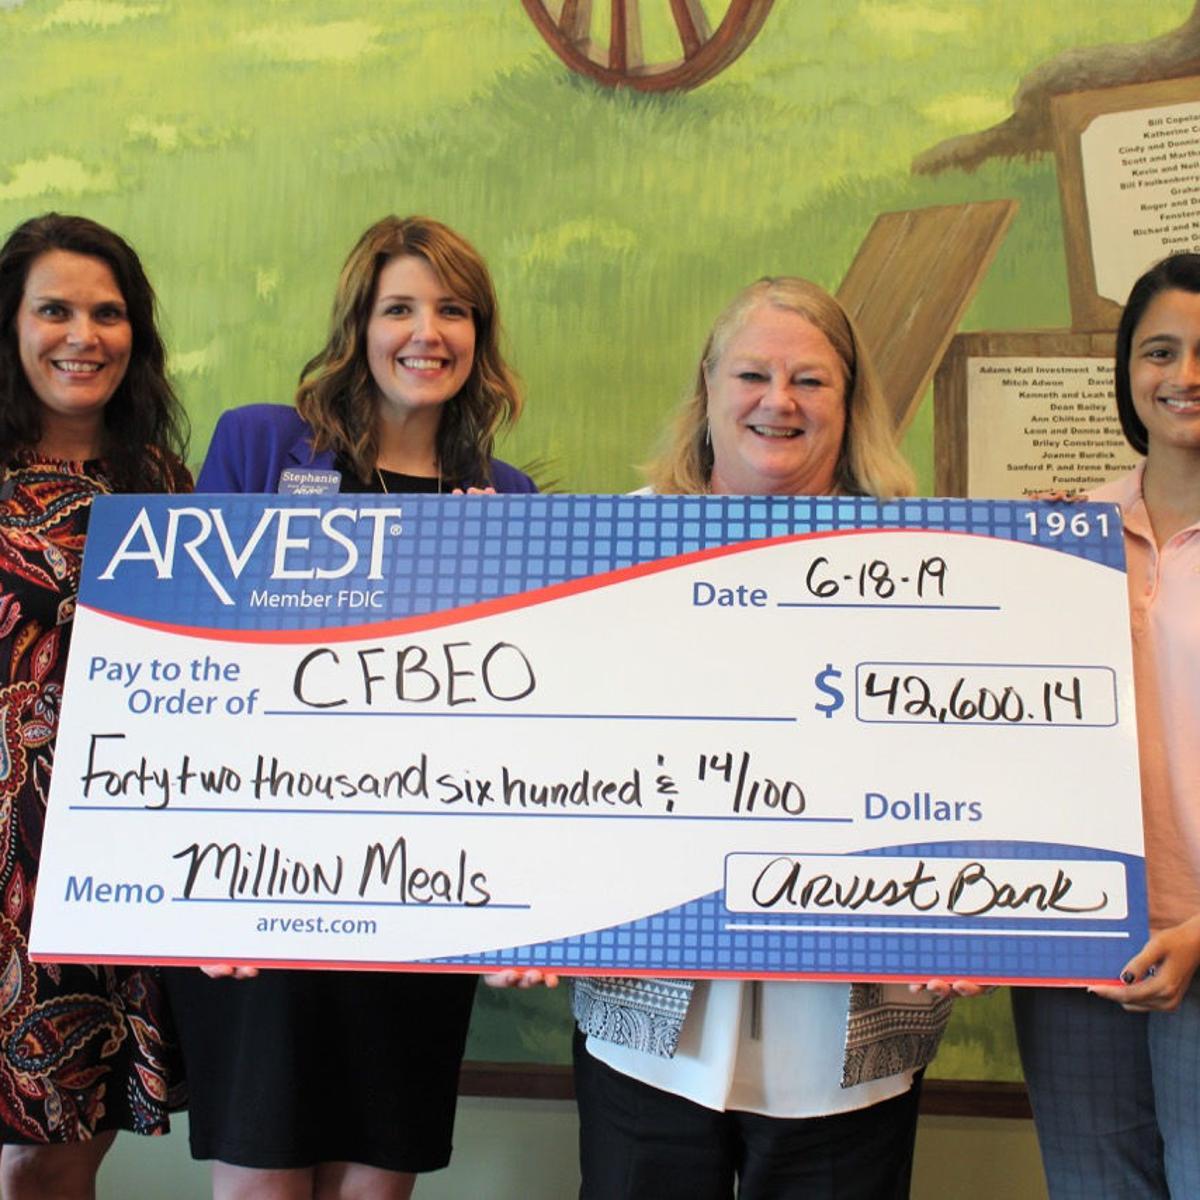 Arvest Bank concludes Million Meals campaign | News